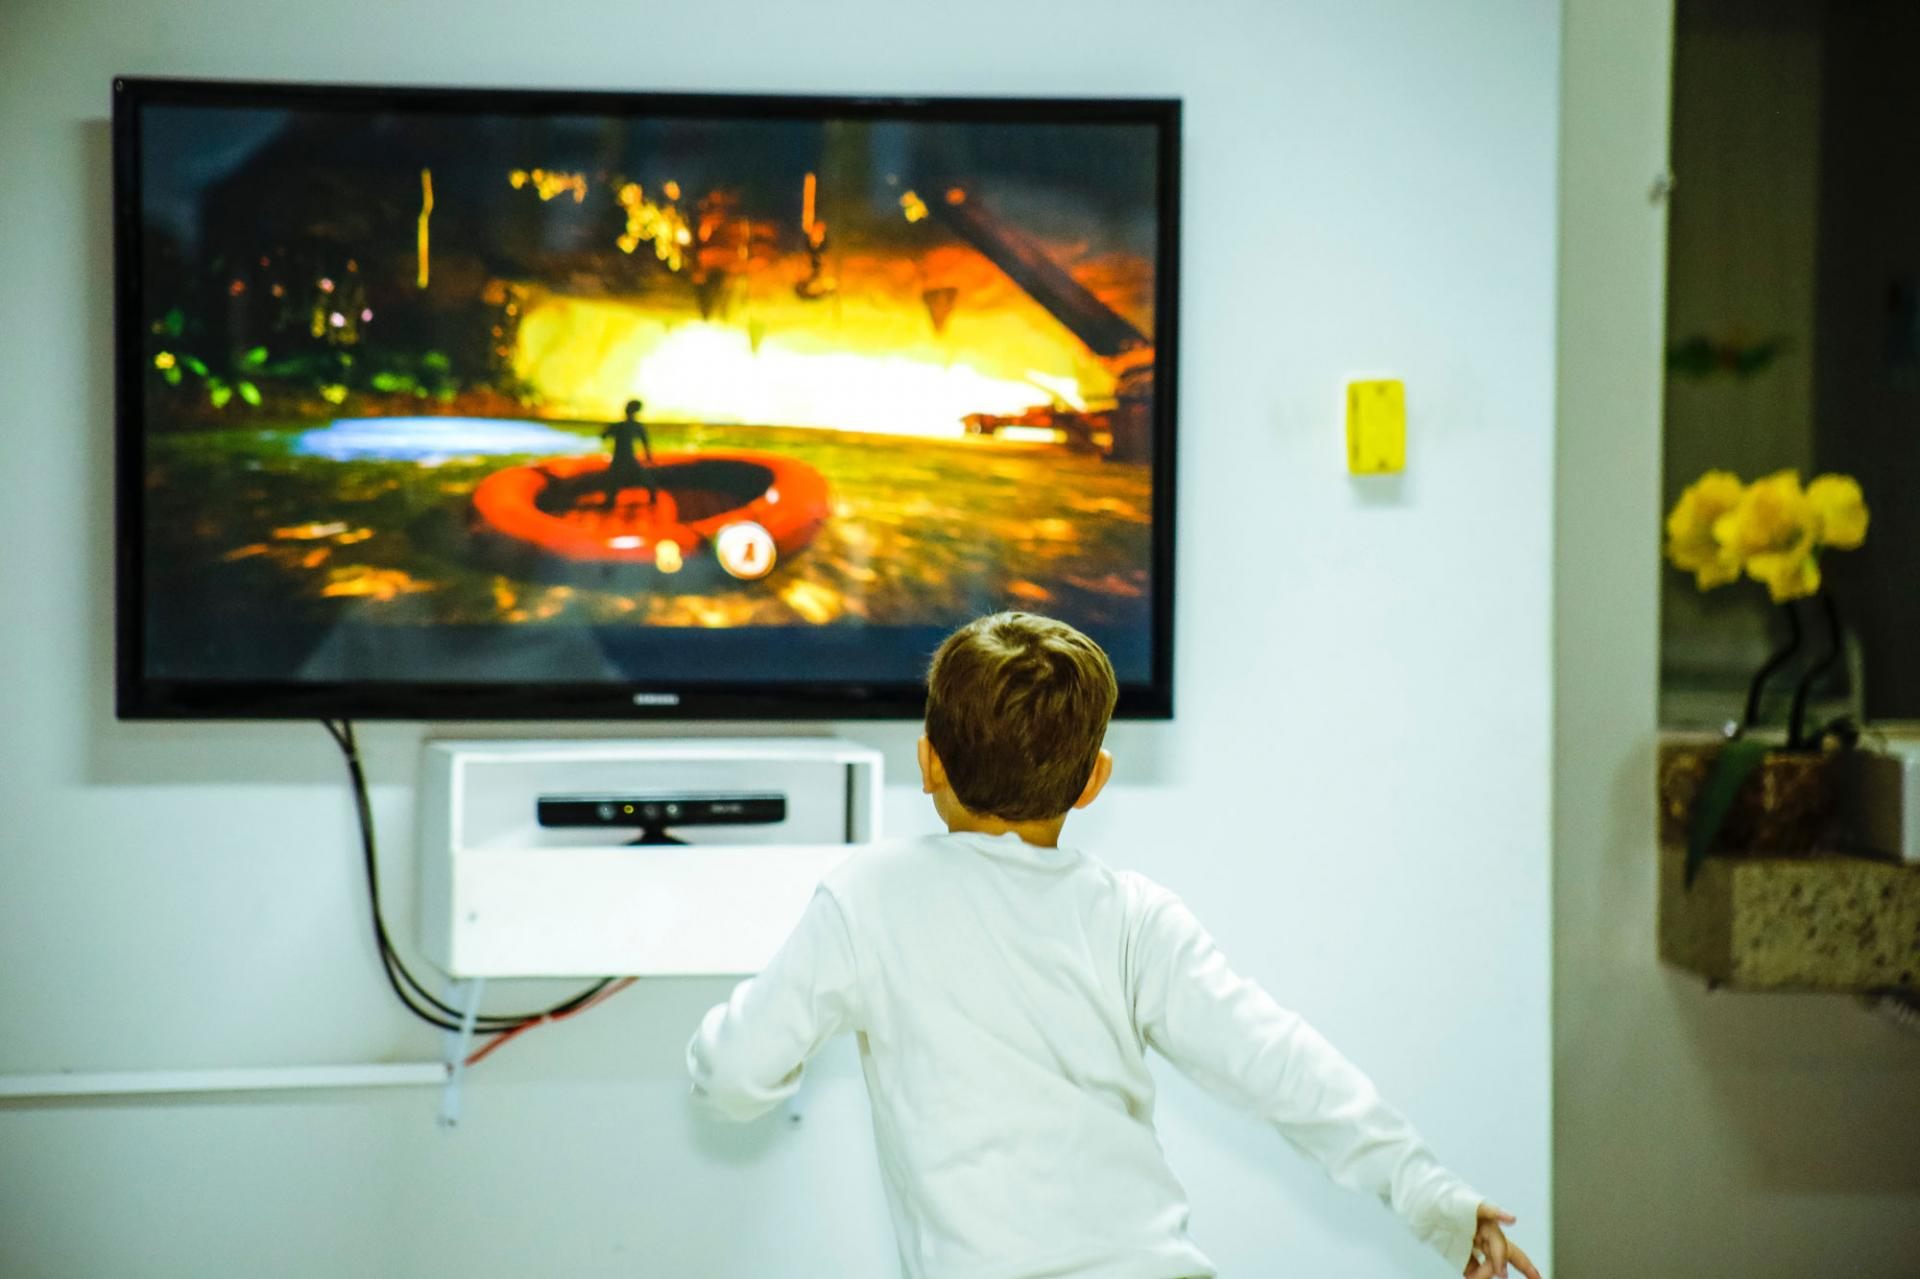 Телевизоры Samsung перестают работать вРоссии. Компания проясняет ситуацию